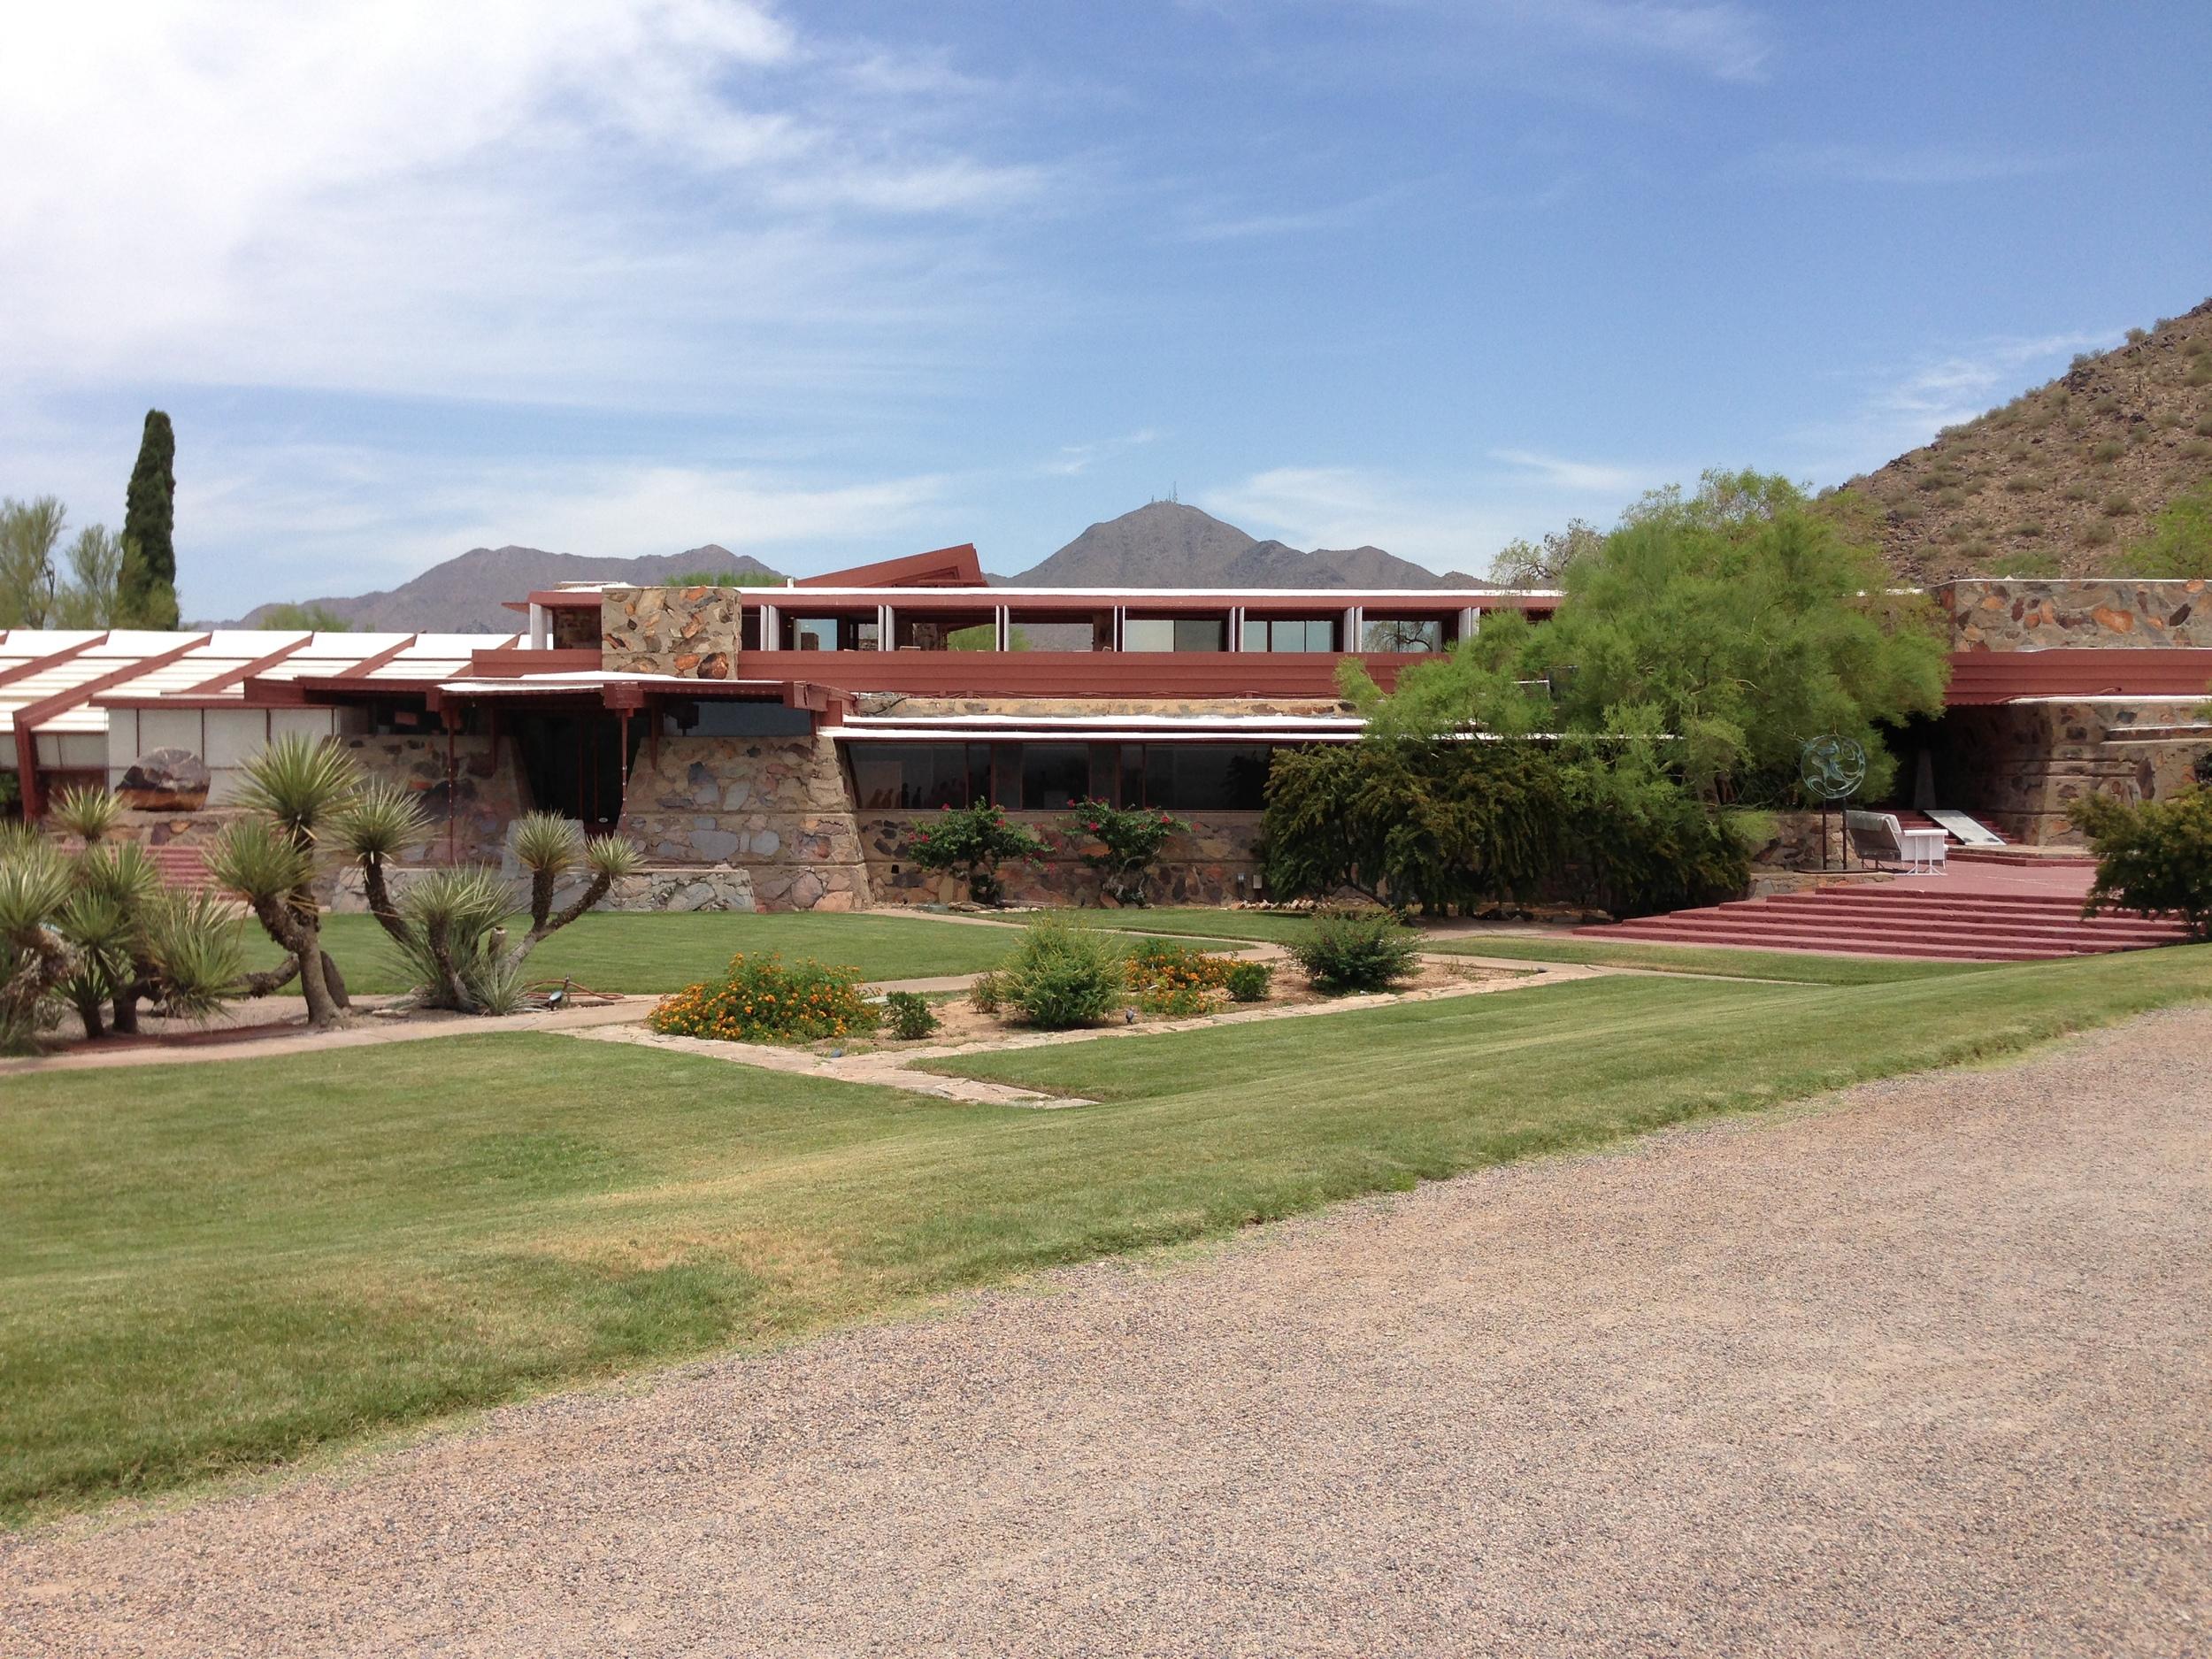 Photo taken at Frank Lloyd Wright's Taliesien West in Scottsdale, AZ on June 12, 2013.